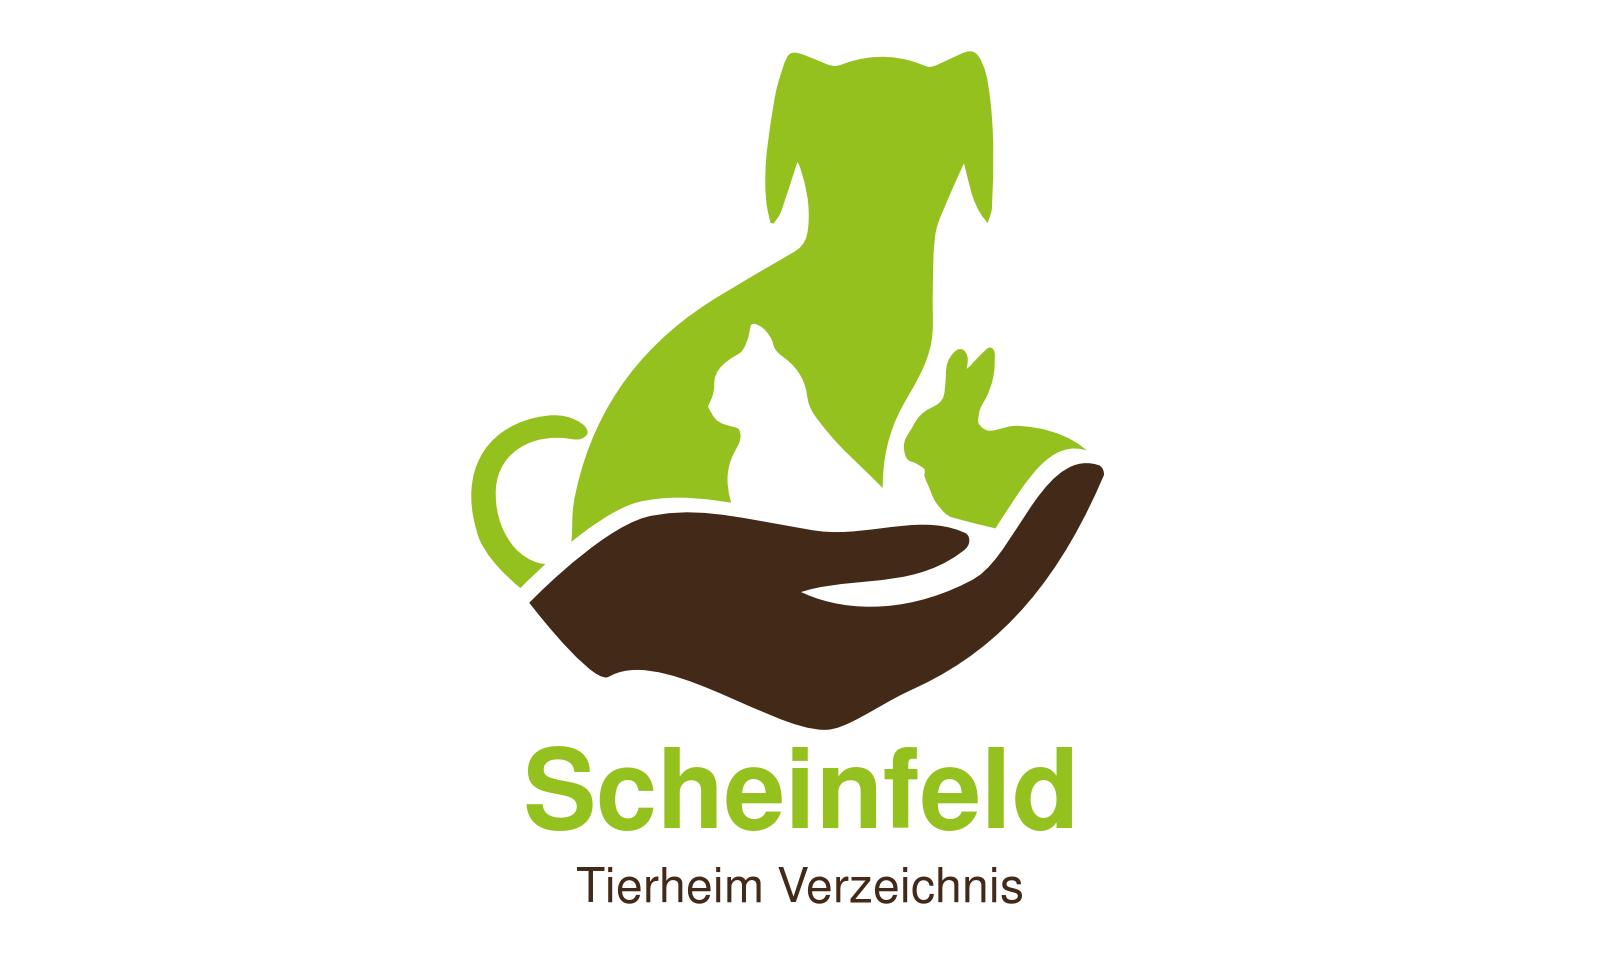 Tierheim Scheinfeld